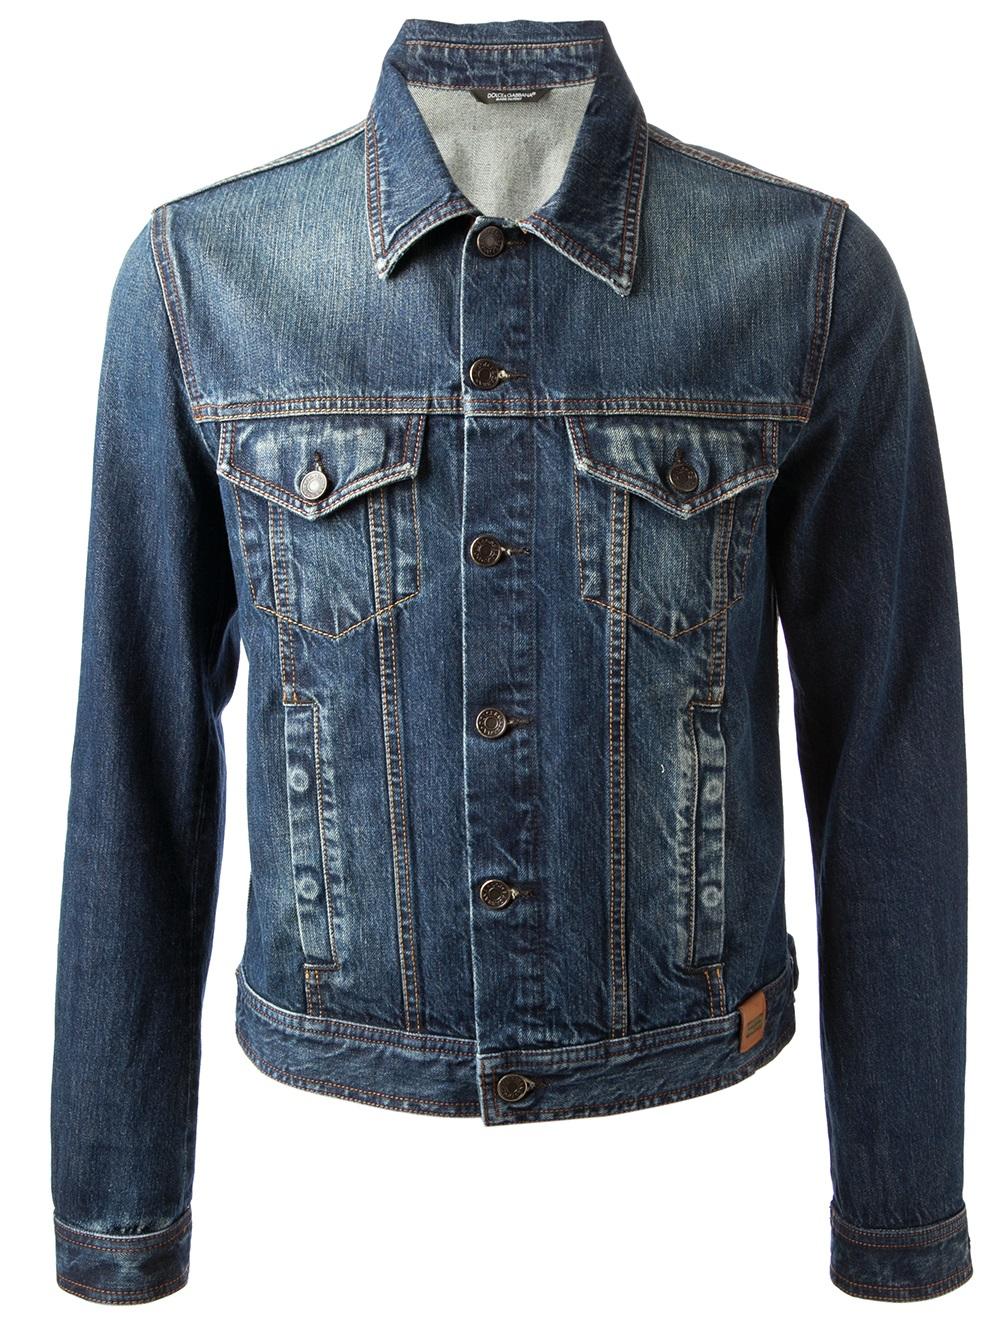 lyst dolce gabbana denim jacket in blue for men. Black Bedroom Furniture Sets. Home Design Ideas